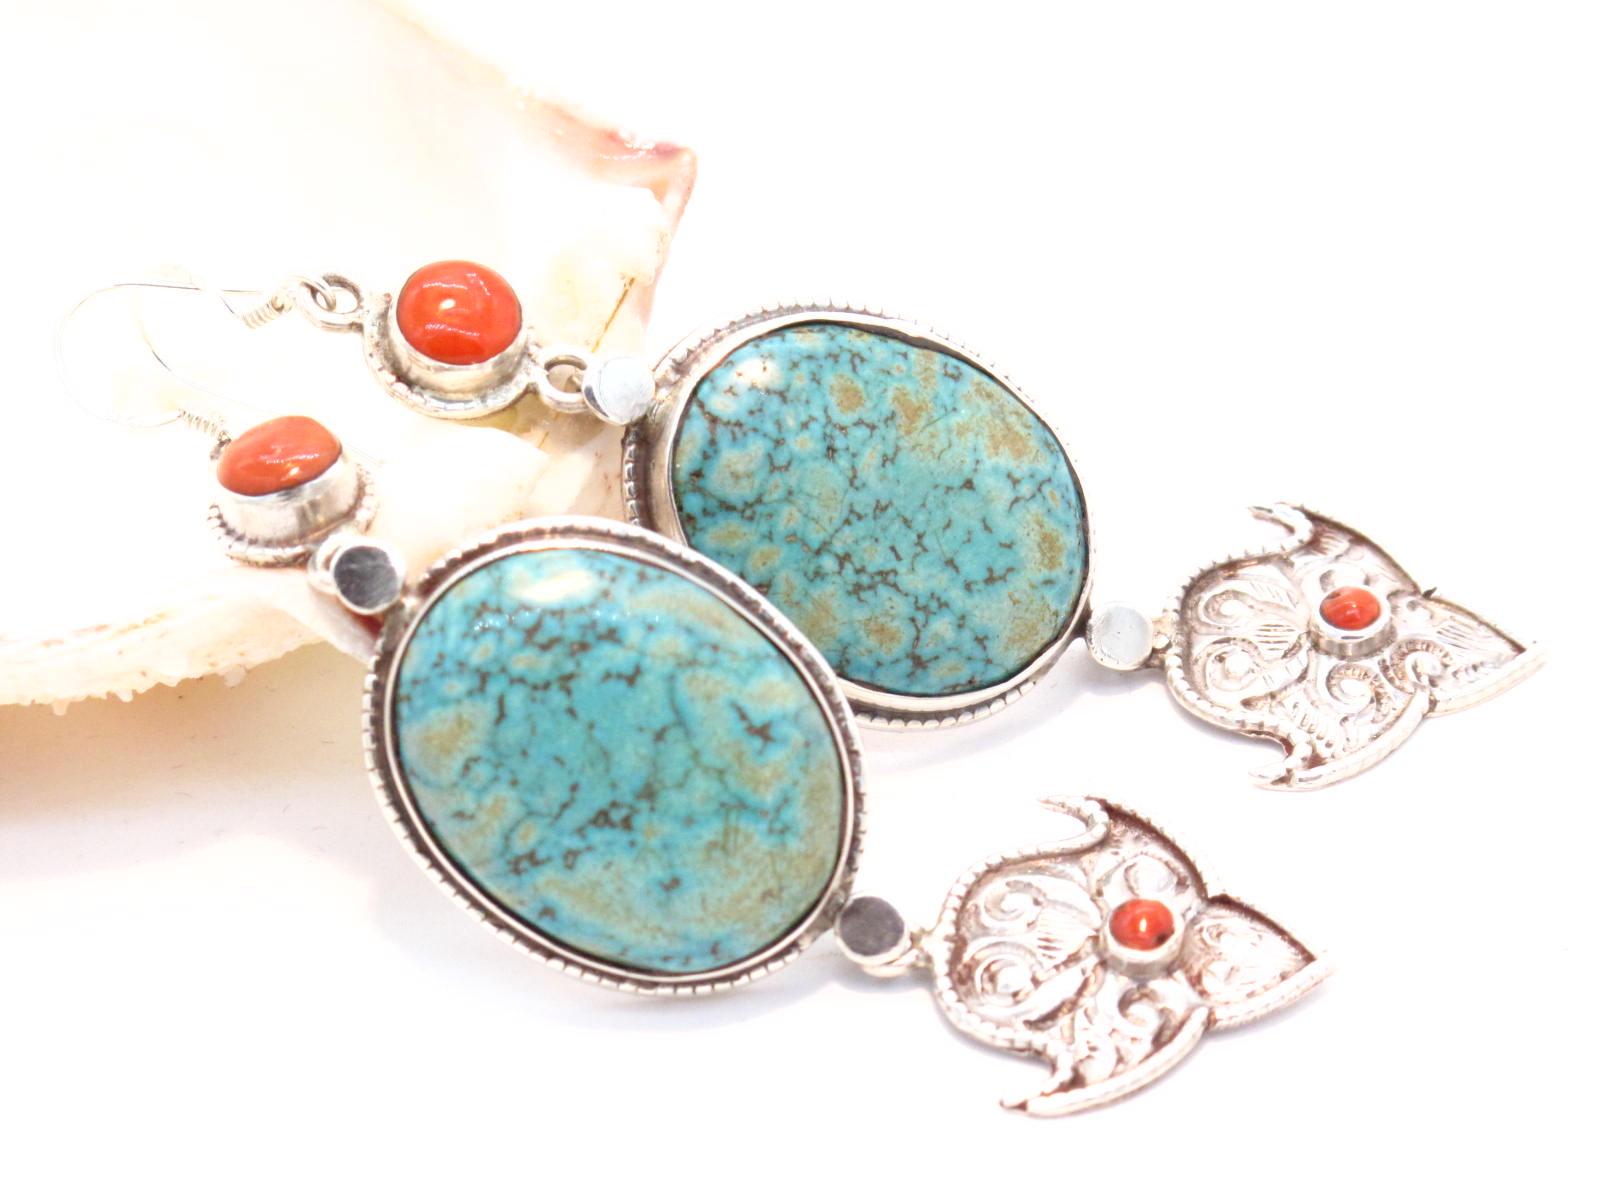 orecchini tibetani in argento turchese e corallo